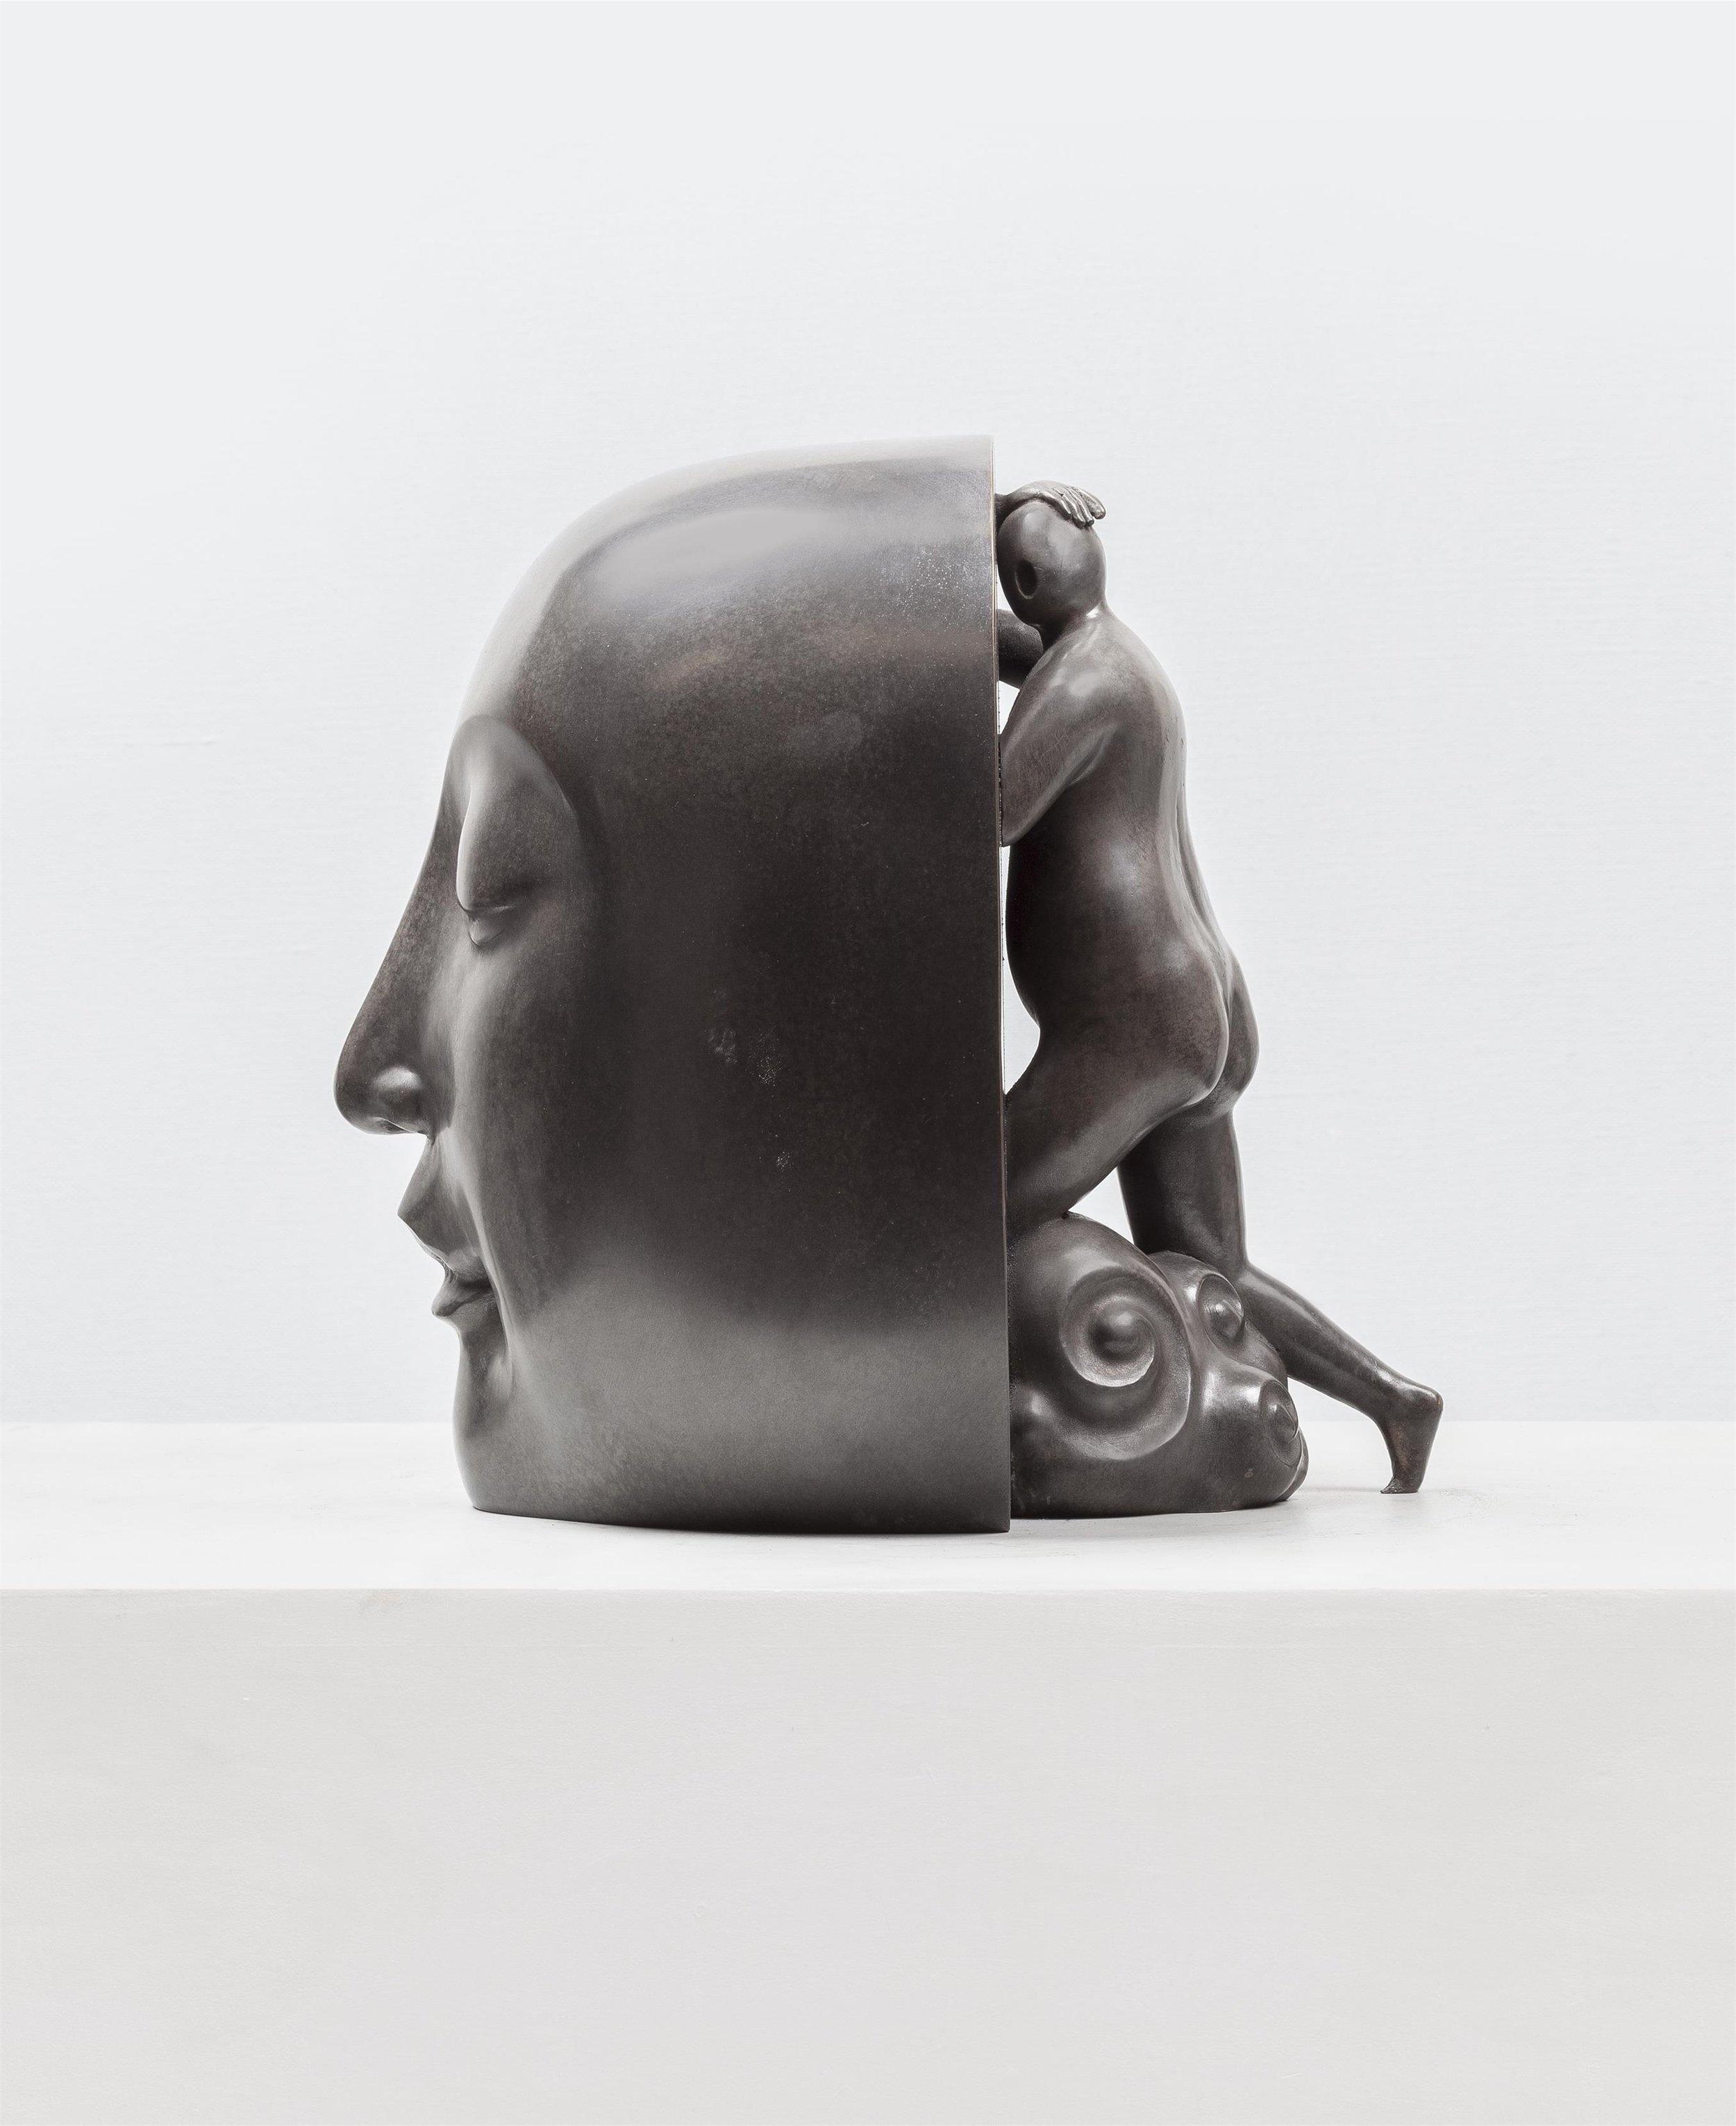 GUAN WEI   Salvation No.4  2015 bronze sculpture 29 x 23 x 28 cm